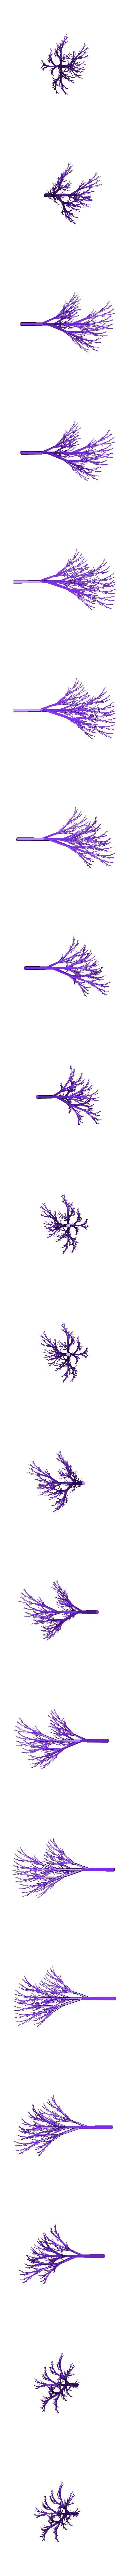 Completely_Random_Tree_43.stl Télécharger fichier STL gratuit Arbre complètement aléatoire • Objet pour impression 3D, Numbmond